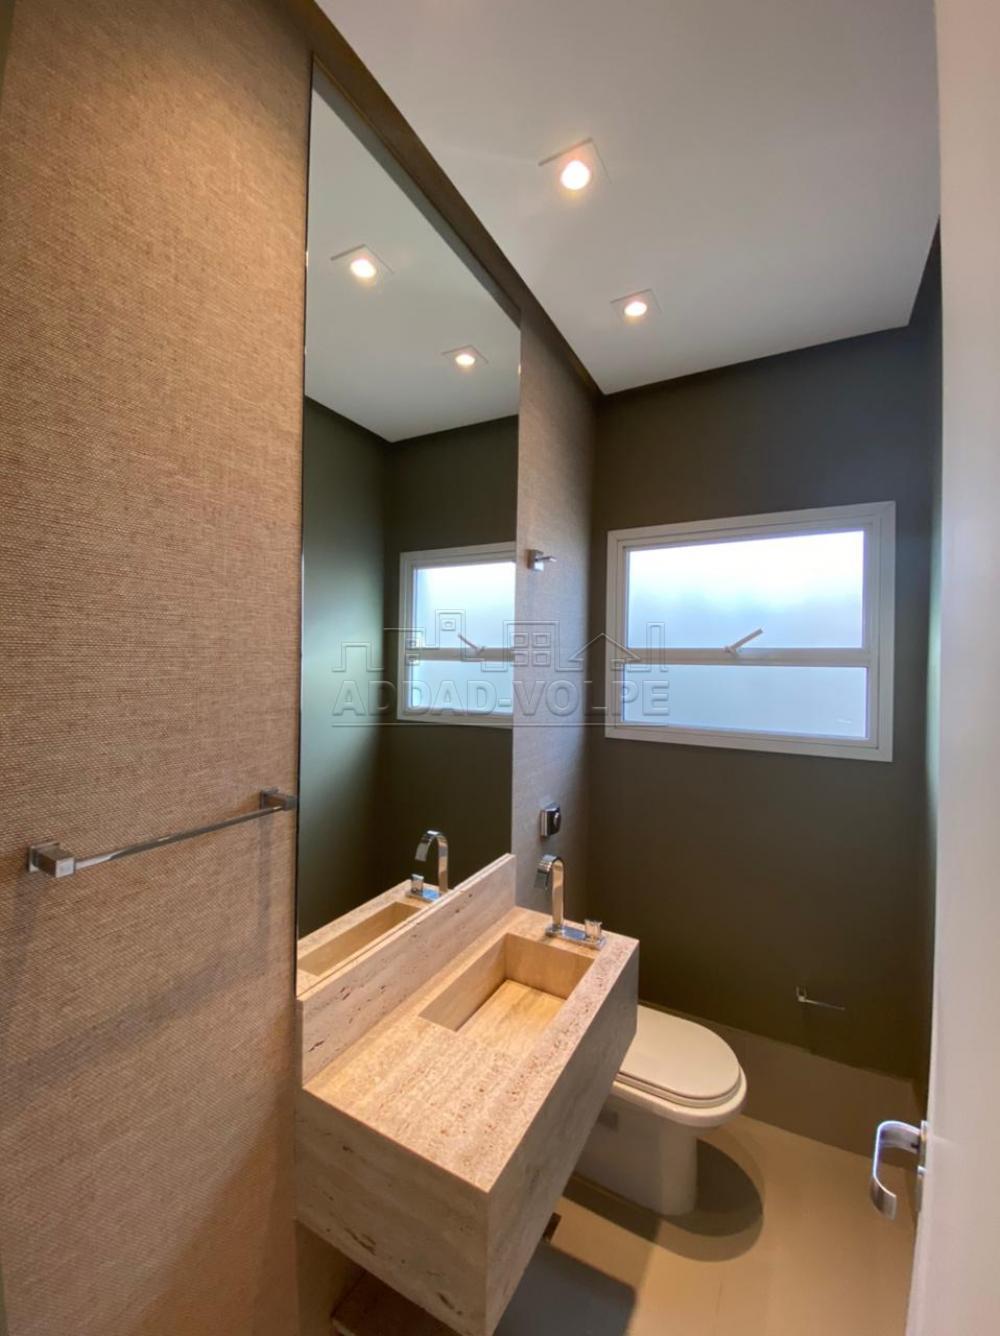 Alugar Casa / Padrão em Bauru R$ 3.500,00 - Foto 15